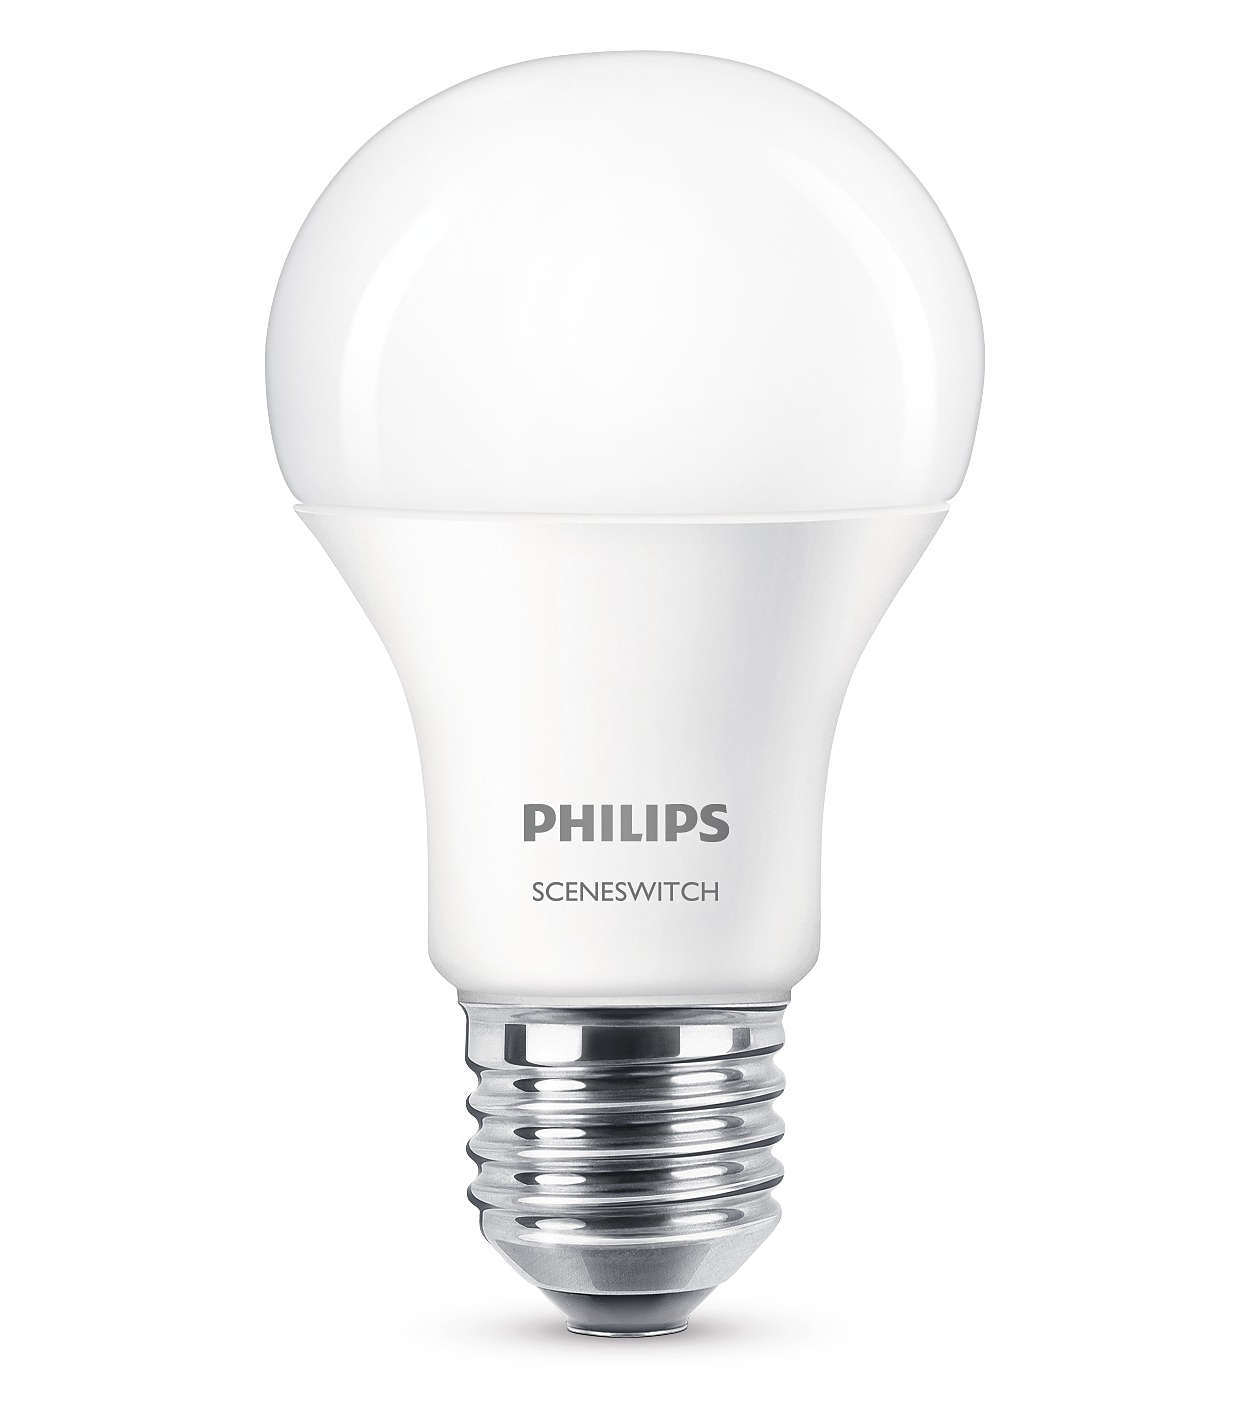 Eine Lampe. Ihr Schalter. Zwei Lichteinstellungen.